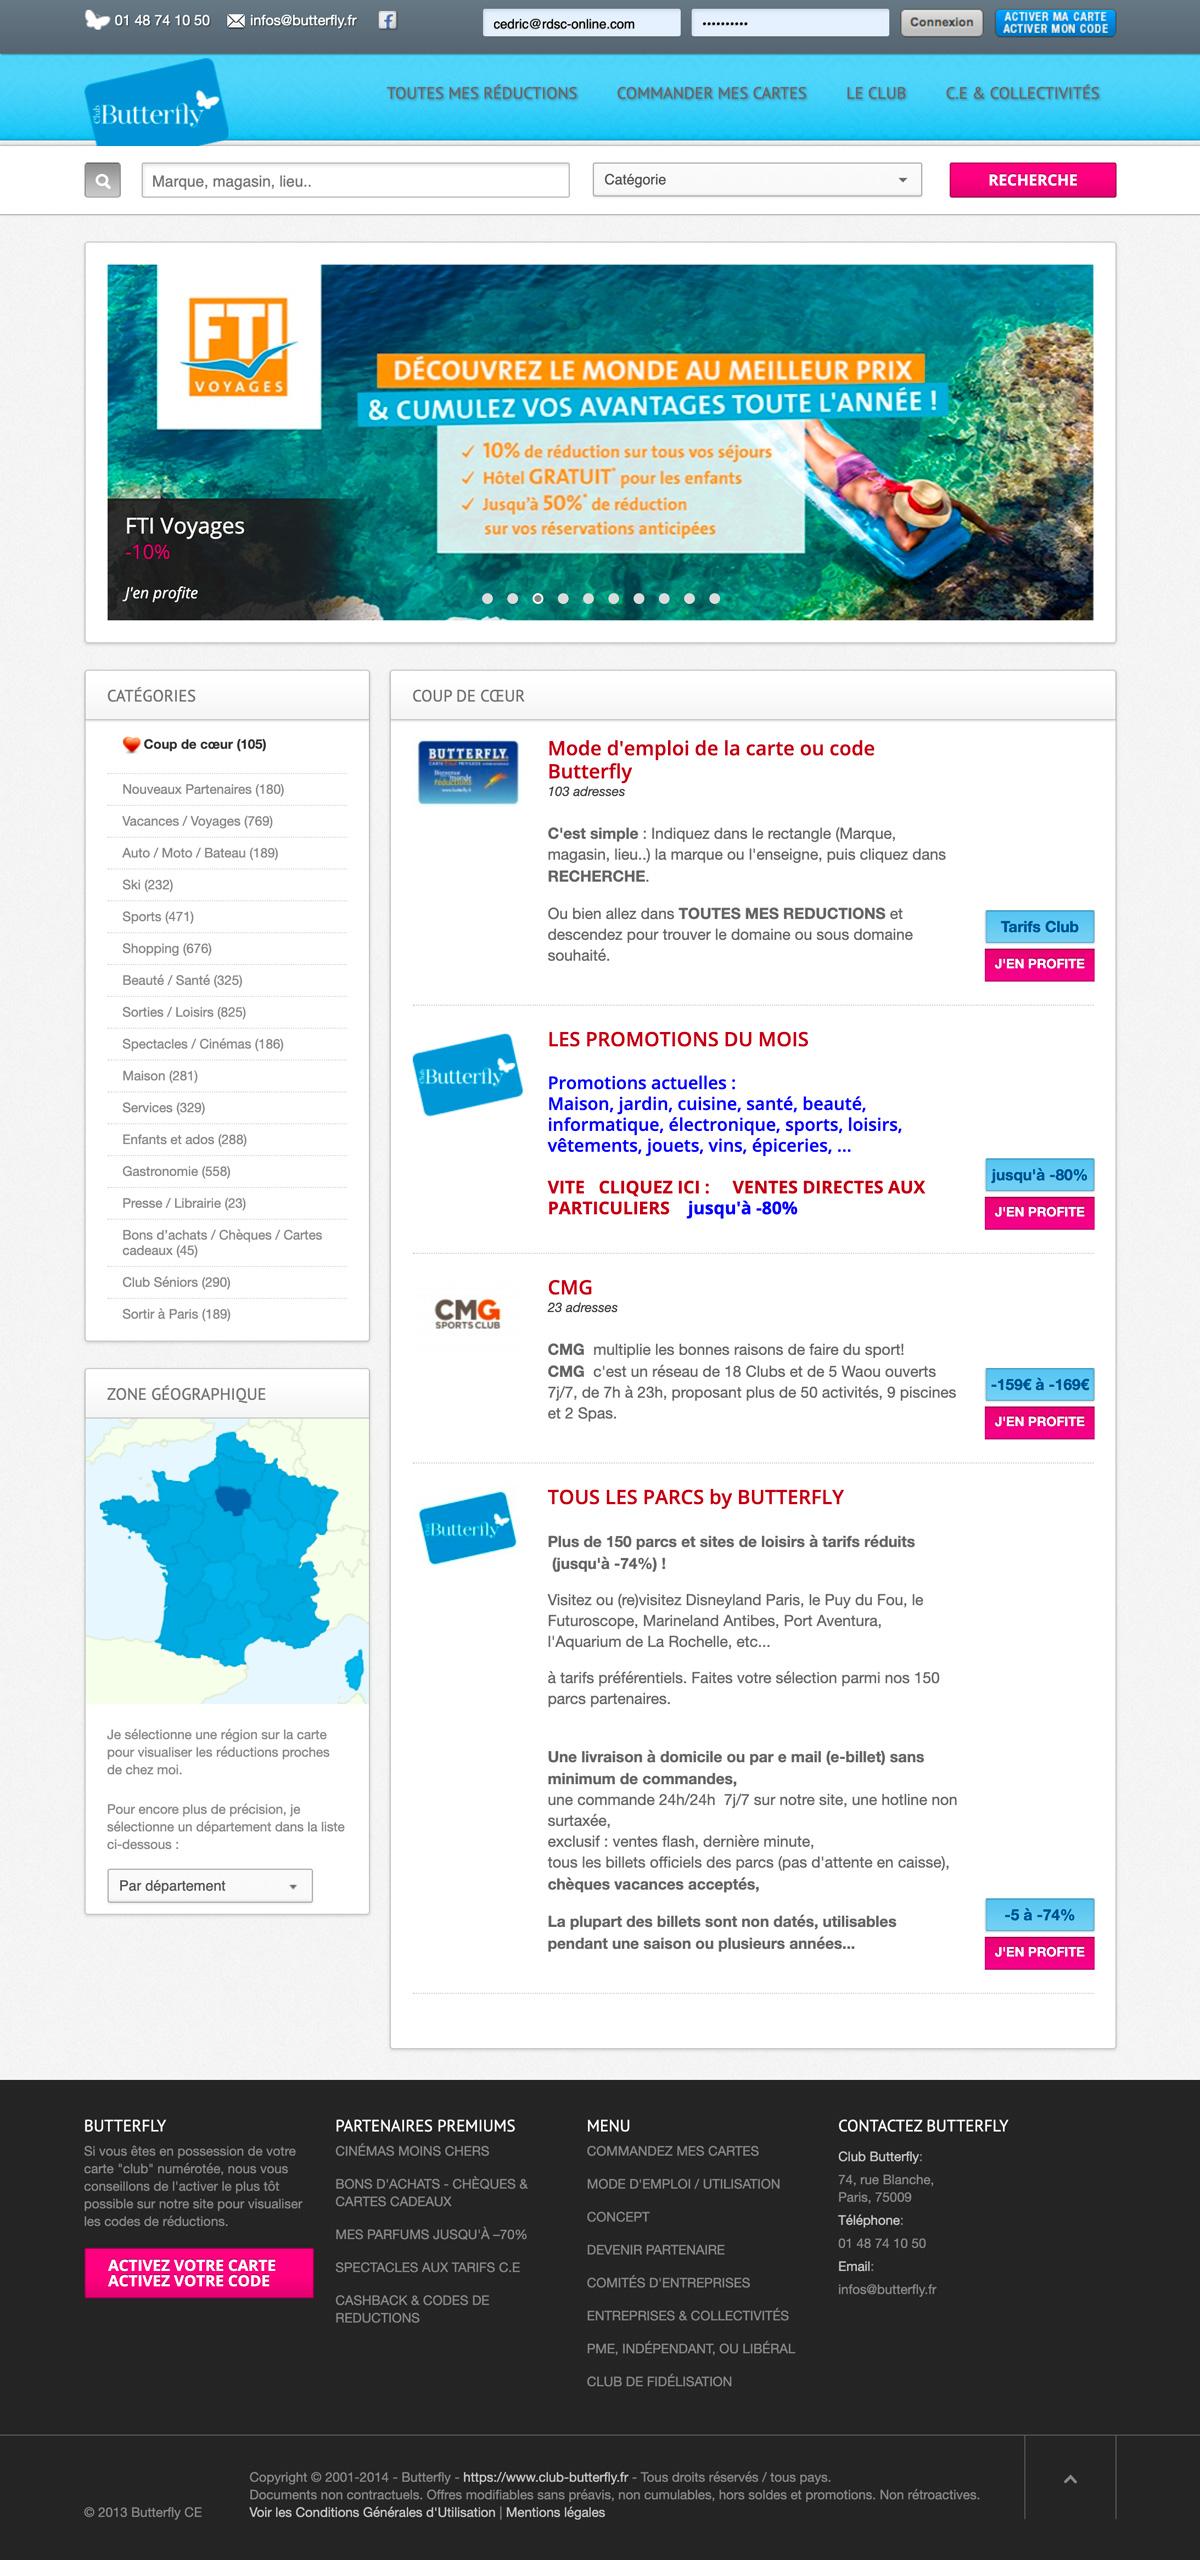 rdsc club butterfly website screenshot